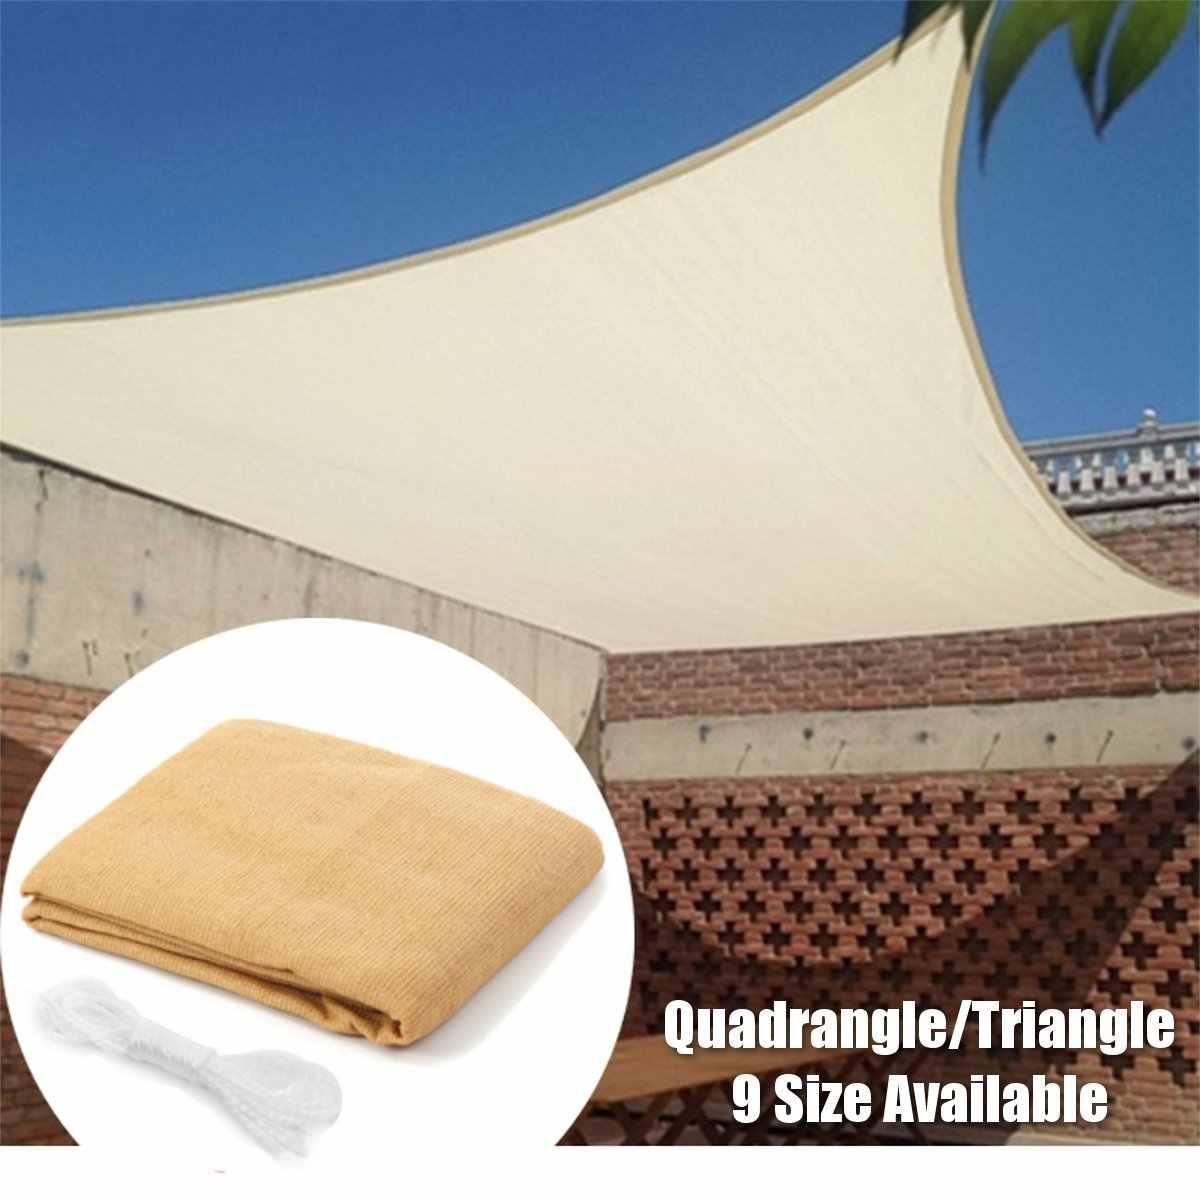 Protector solar impermeable triángulo Quadrangle protección solar toldo exterior jardín Patio piscina sombra vela toldo Camping 9 tamaño